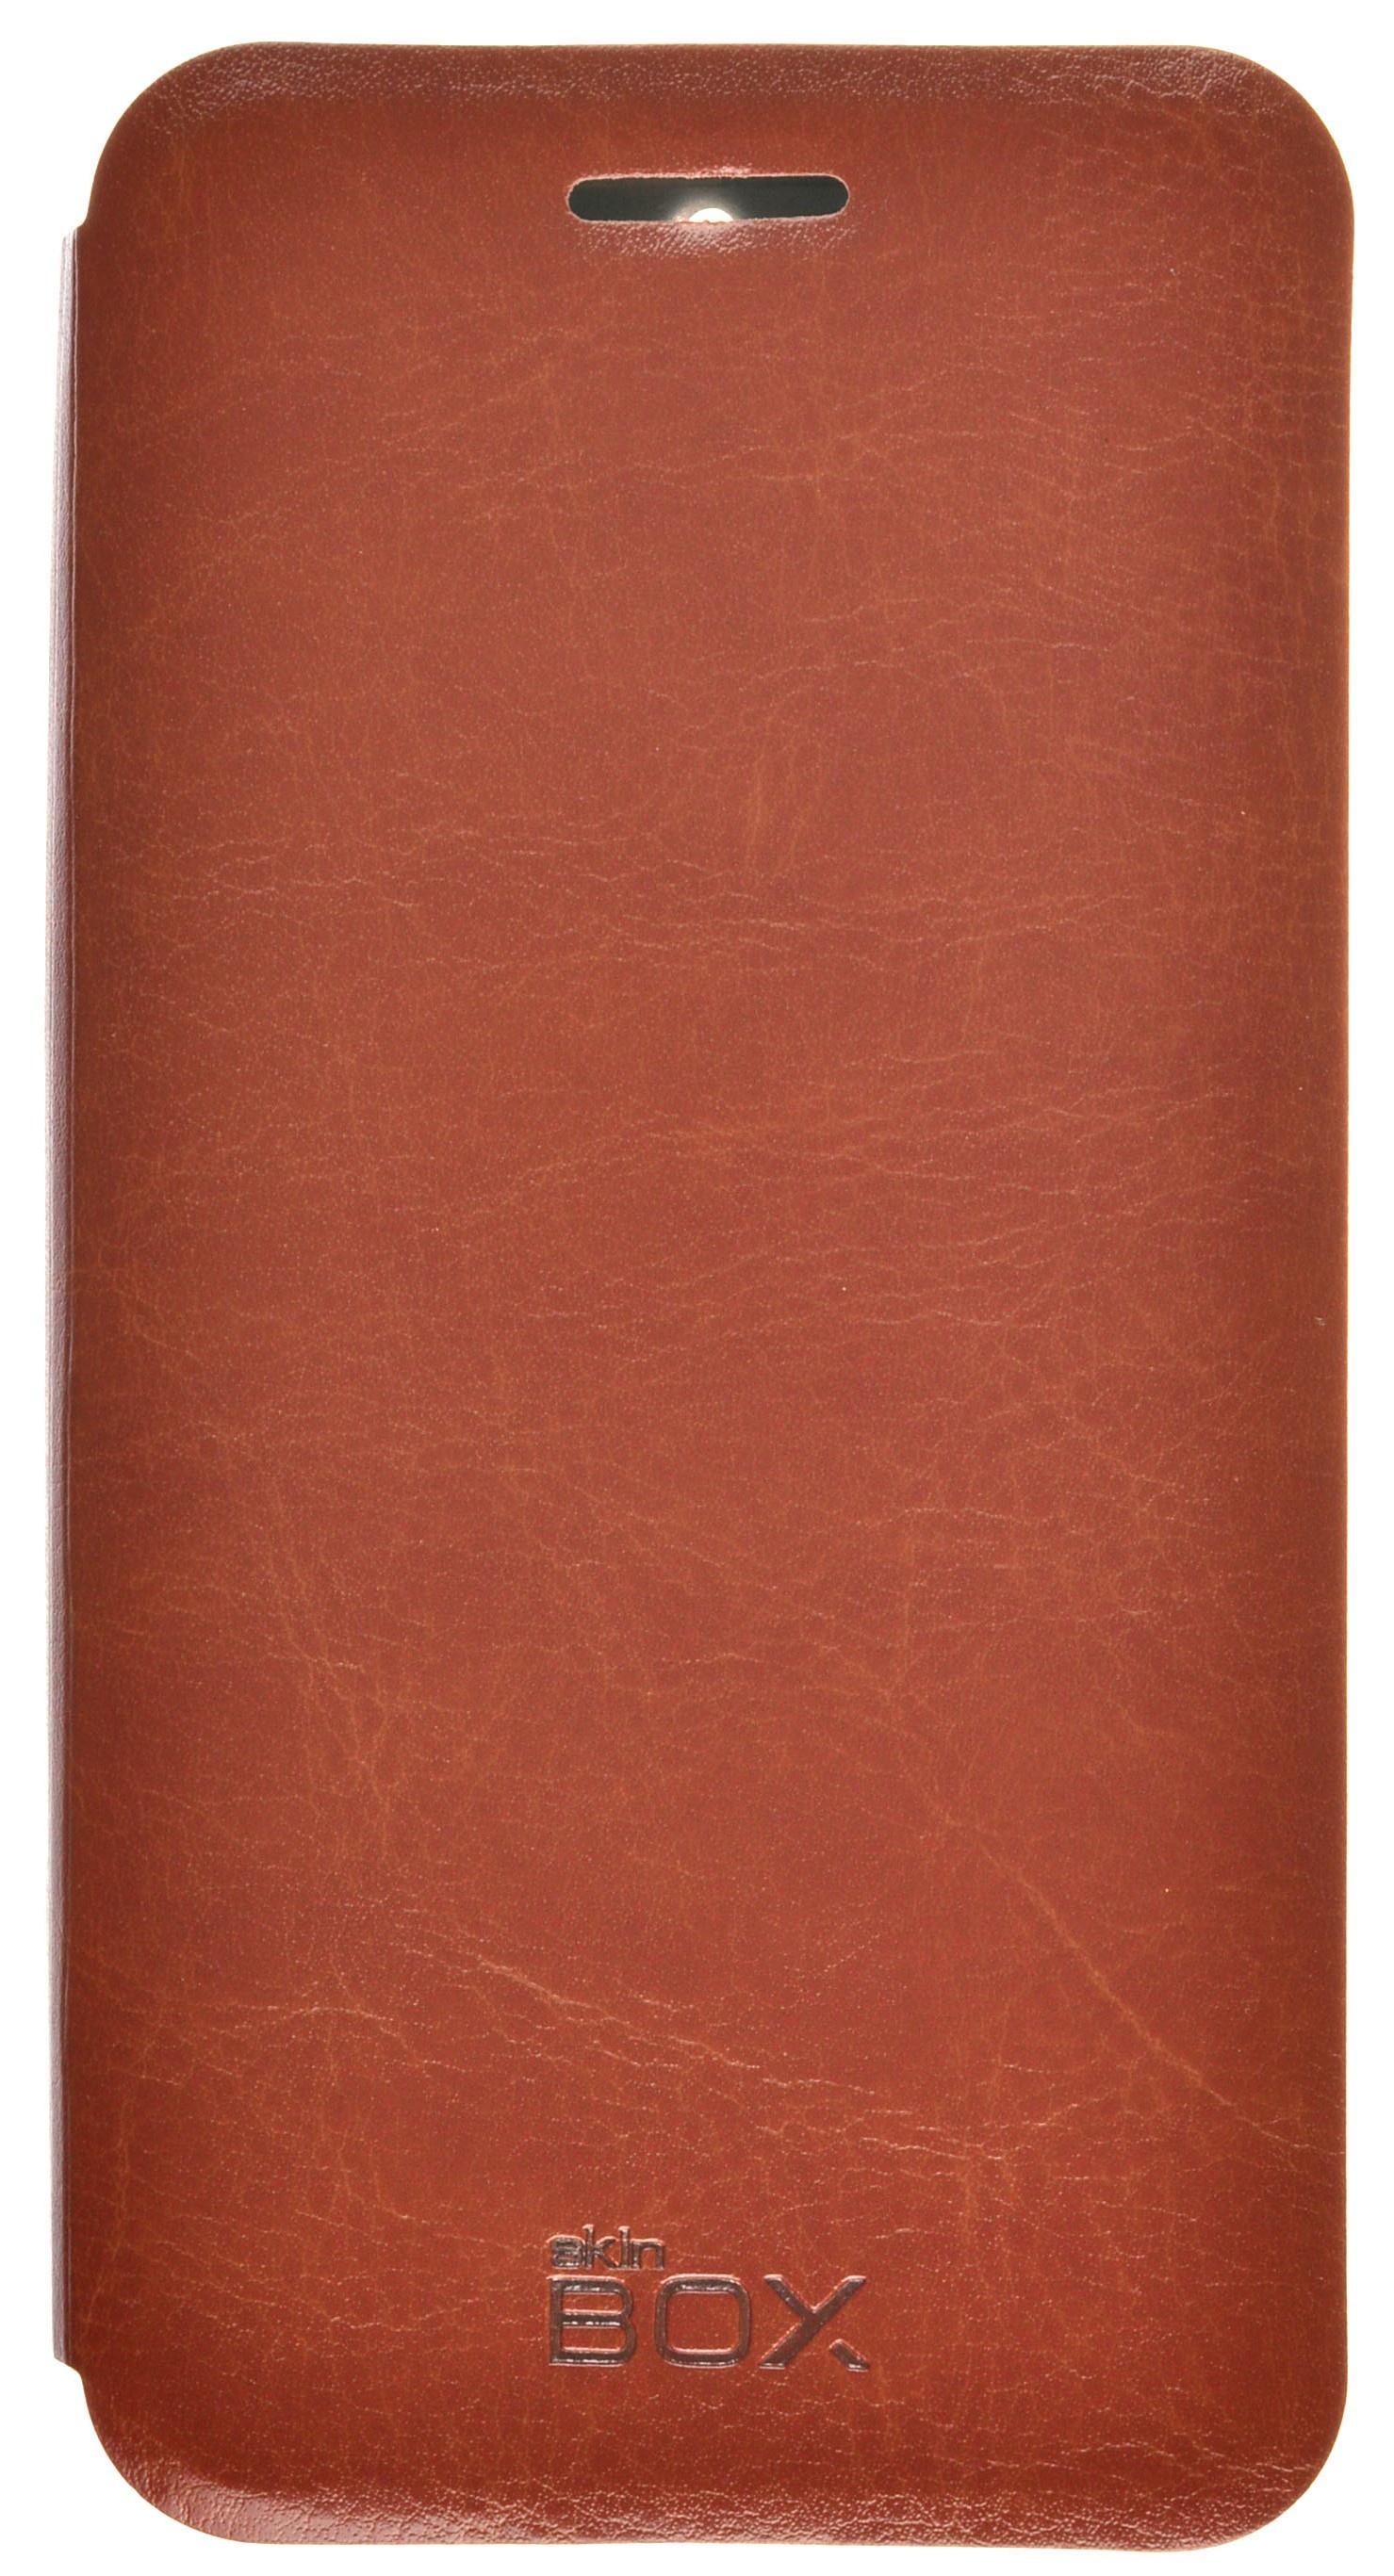 Чехол для сотового телефона skinBOX Lux, 4630042525382, коричневый